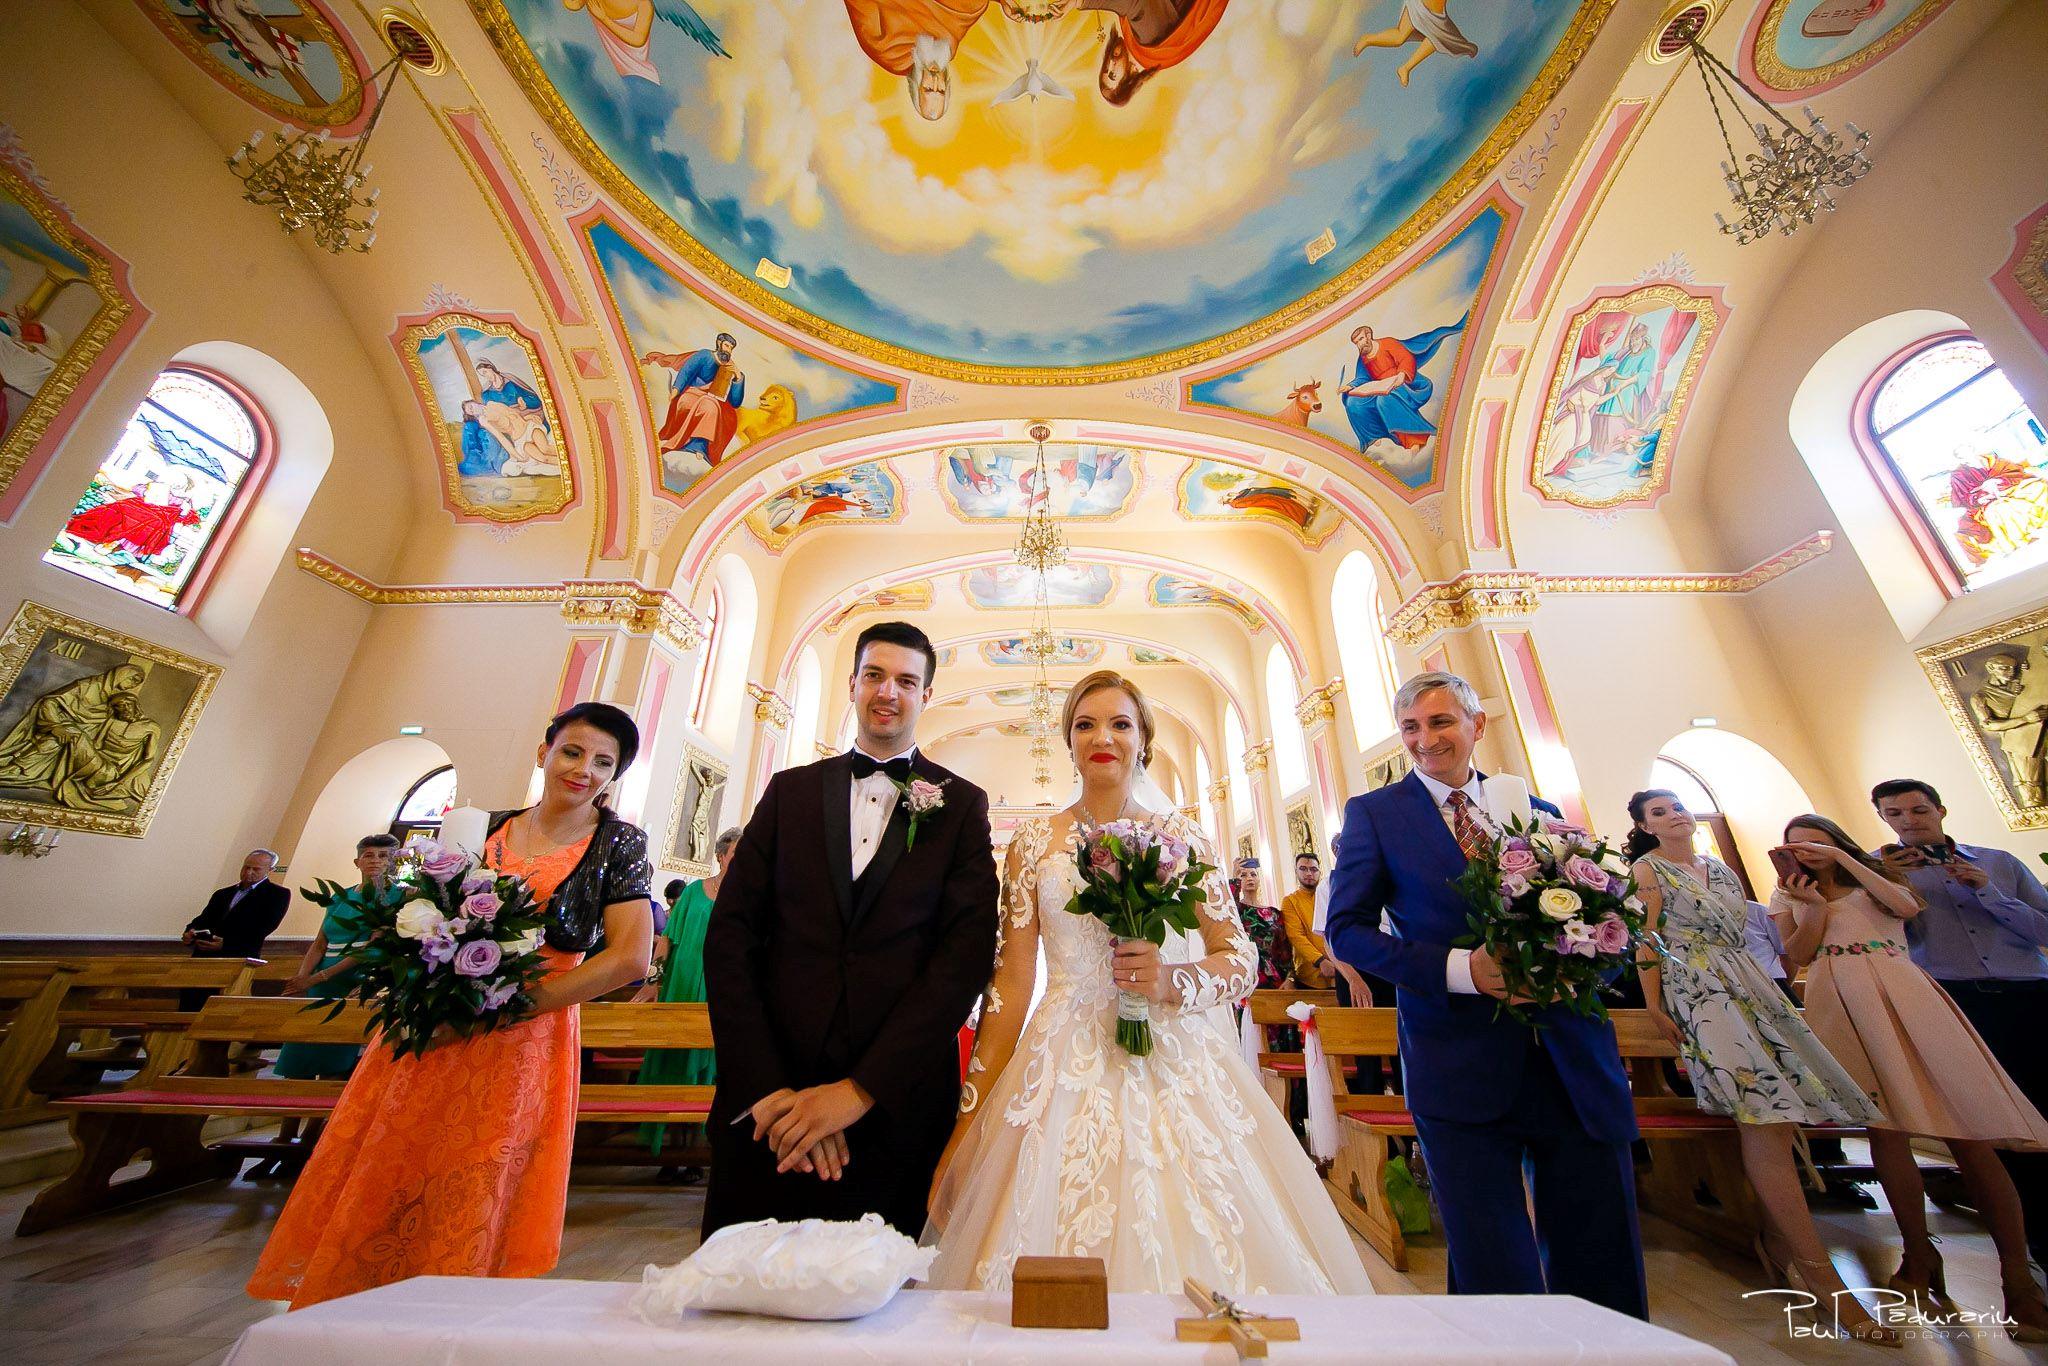 Diana Sebi nunta lavanda paul padurariu fotograf cununie religioasa Biserica Nașterea Sfintei Fecioare Maria Husi 4